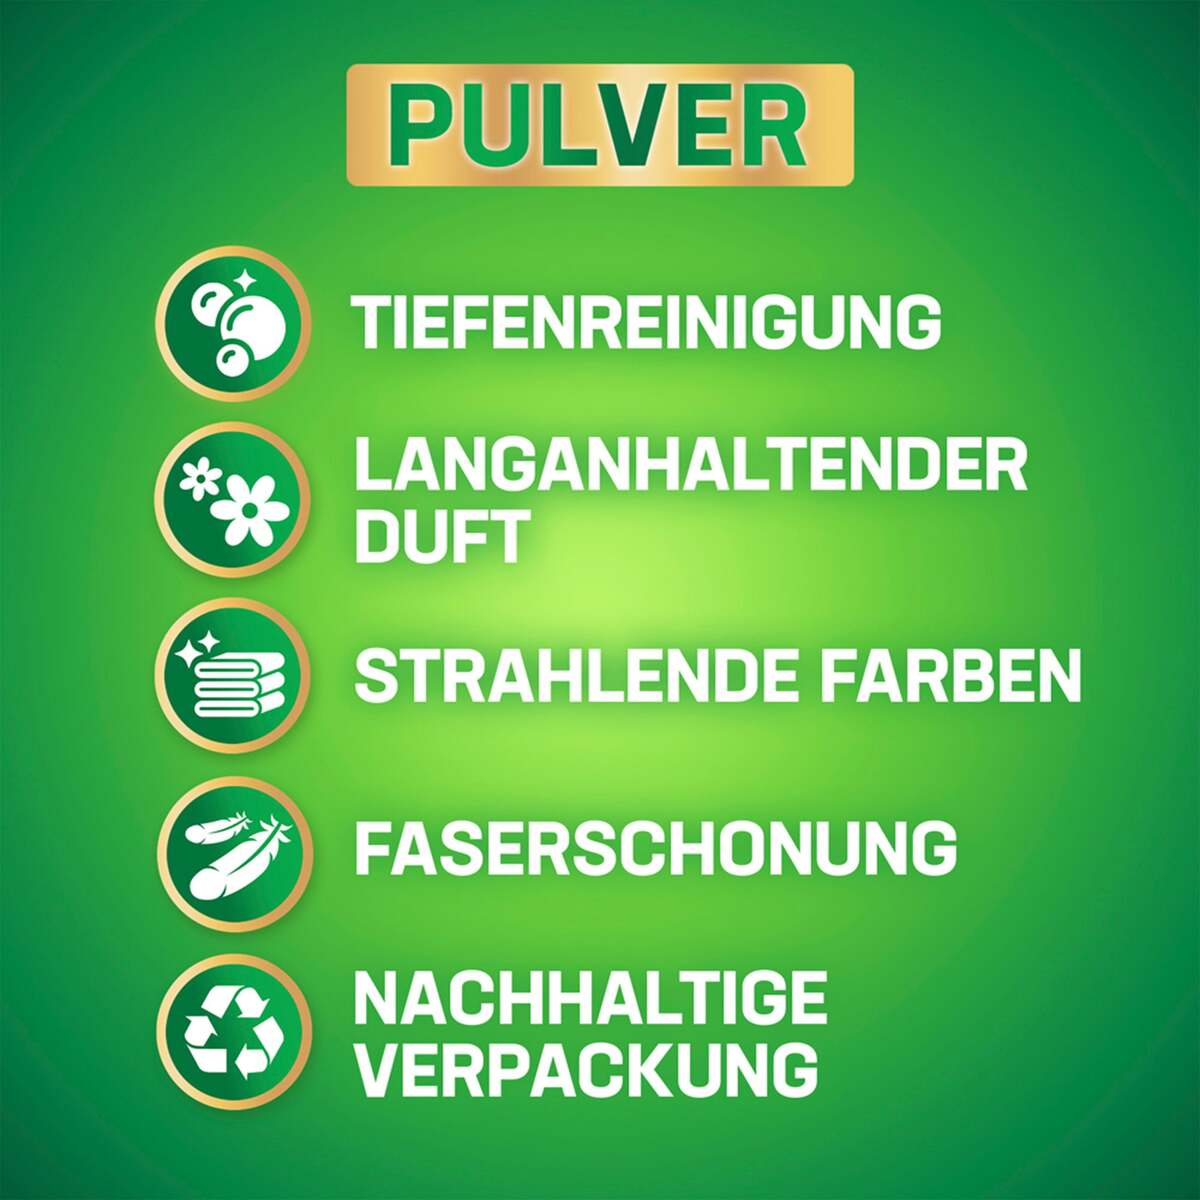 Bild 5 von Persil Universal Pulver Vollwaschmittel 120 WL 0.24 EUR/1 WL